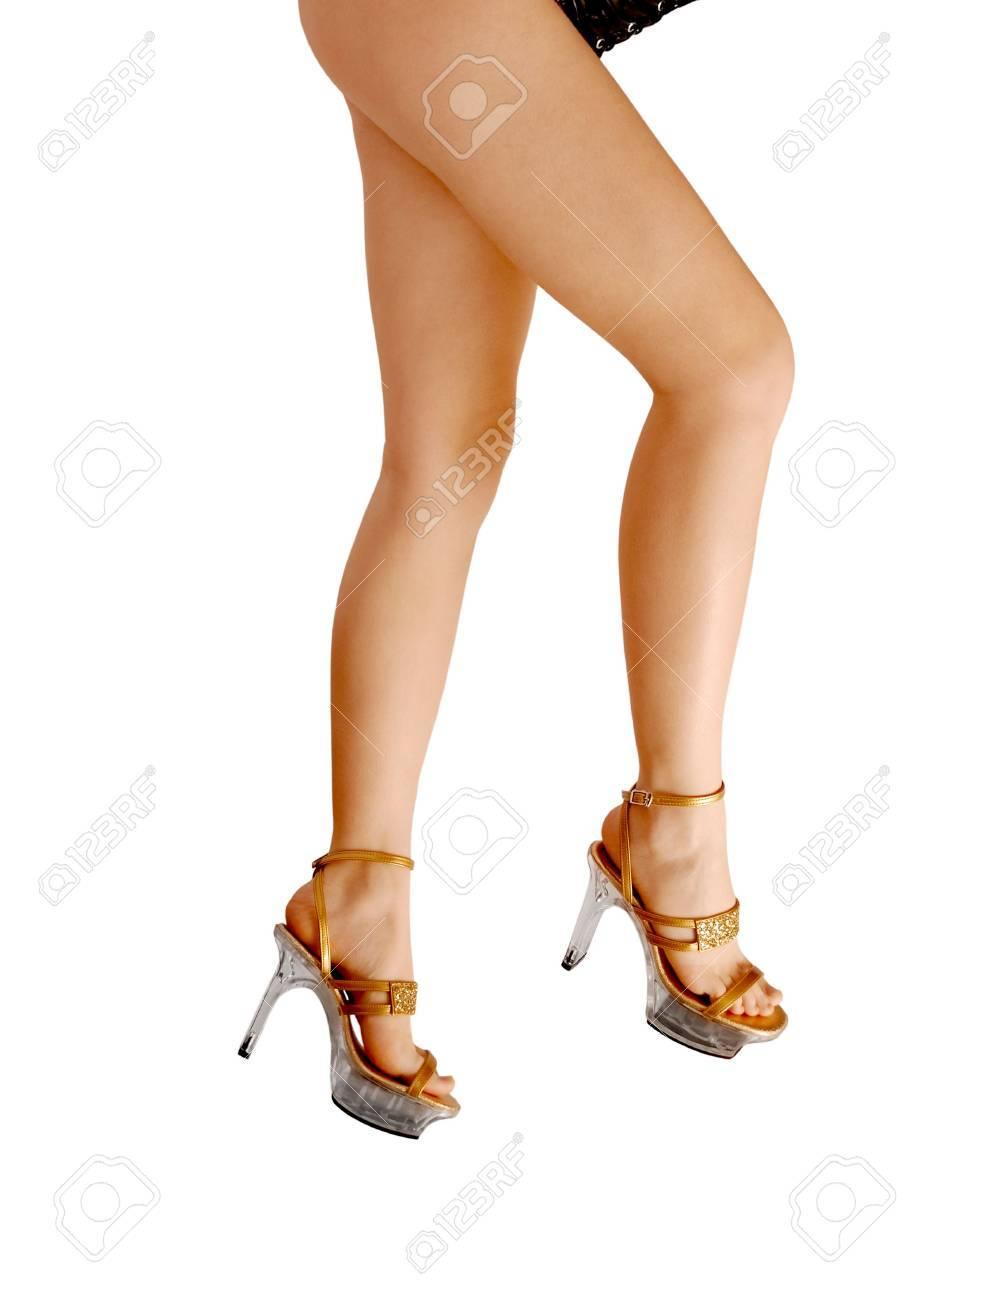 Proportionnée Hauts Bien Jambes Des Femmes Nues Sandales En Talons dxoBCe